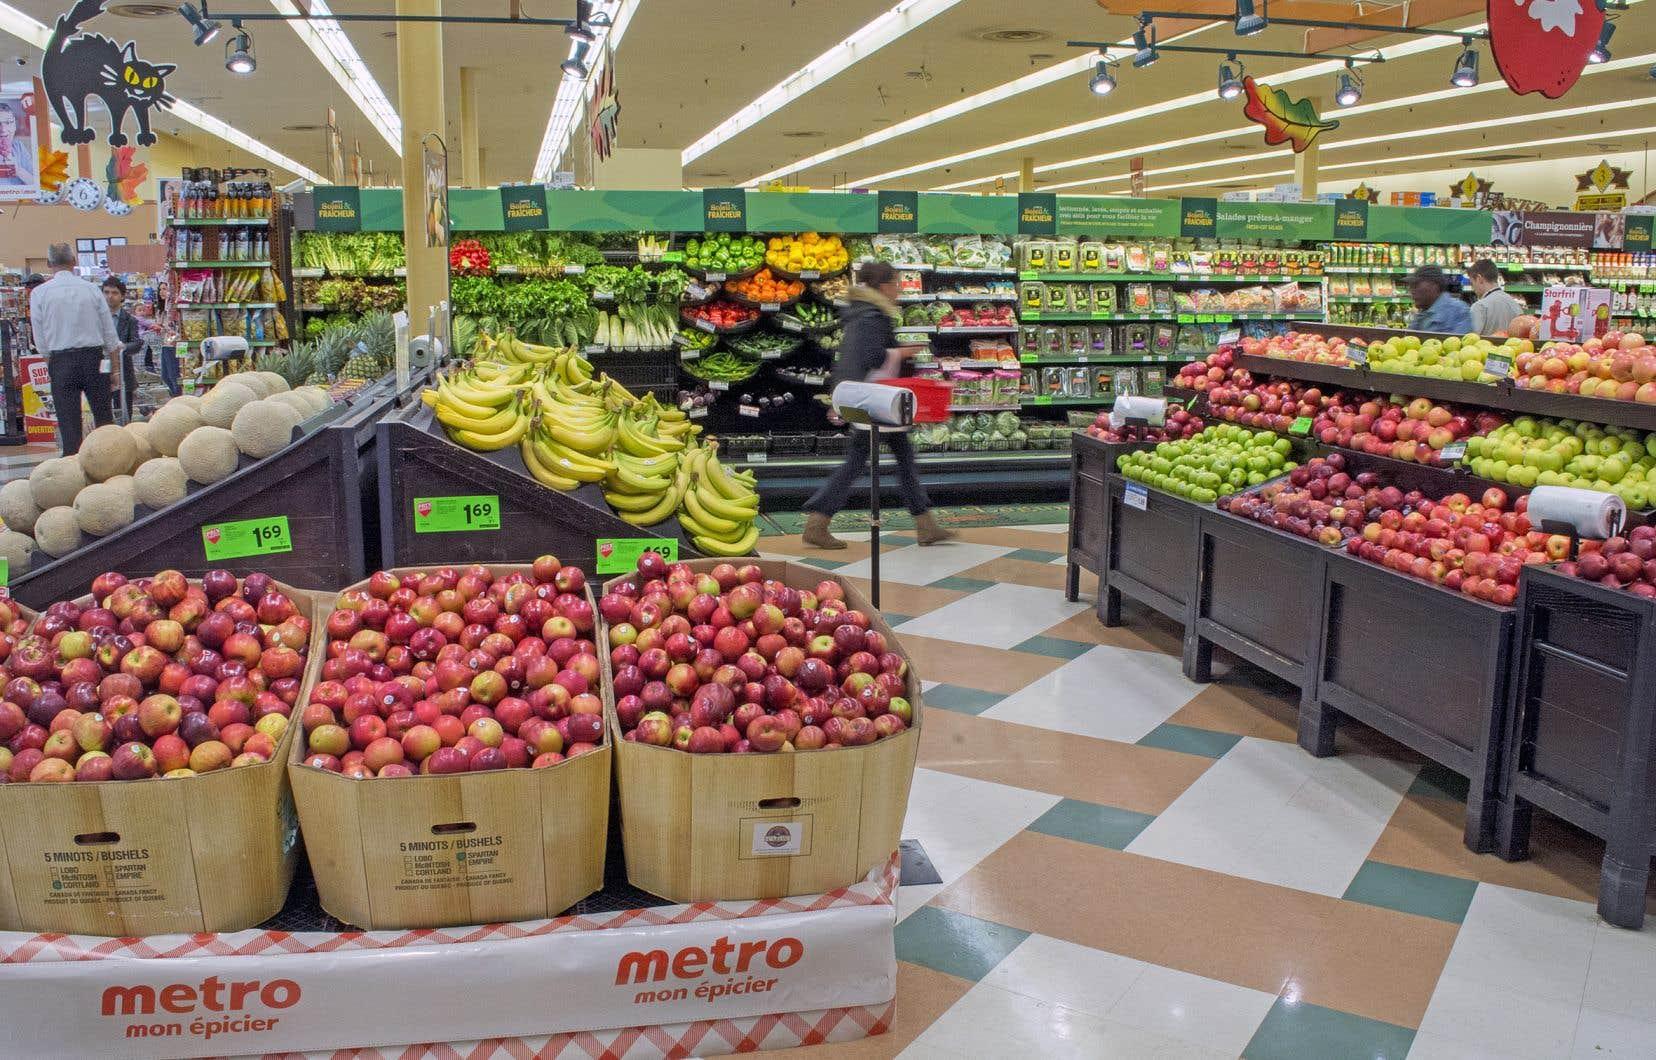 Metro est la troisième chaîne de supermarchés en importance au pays.